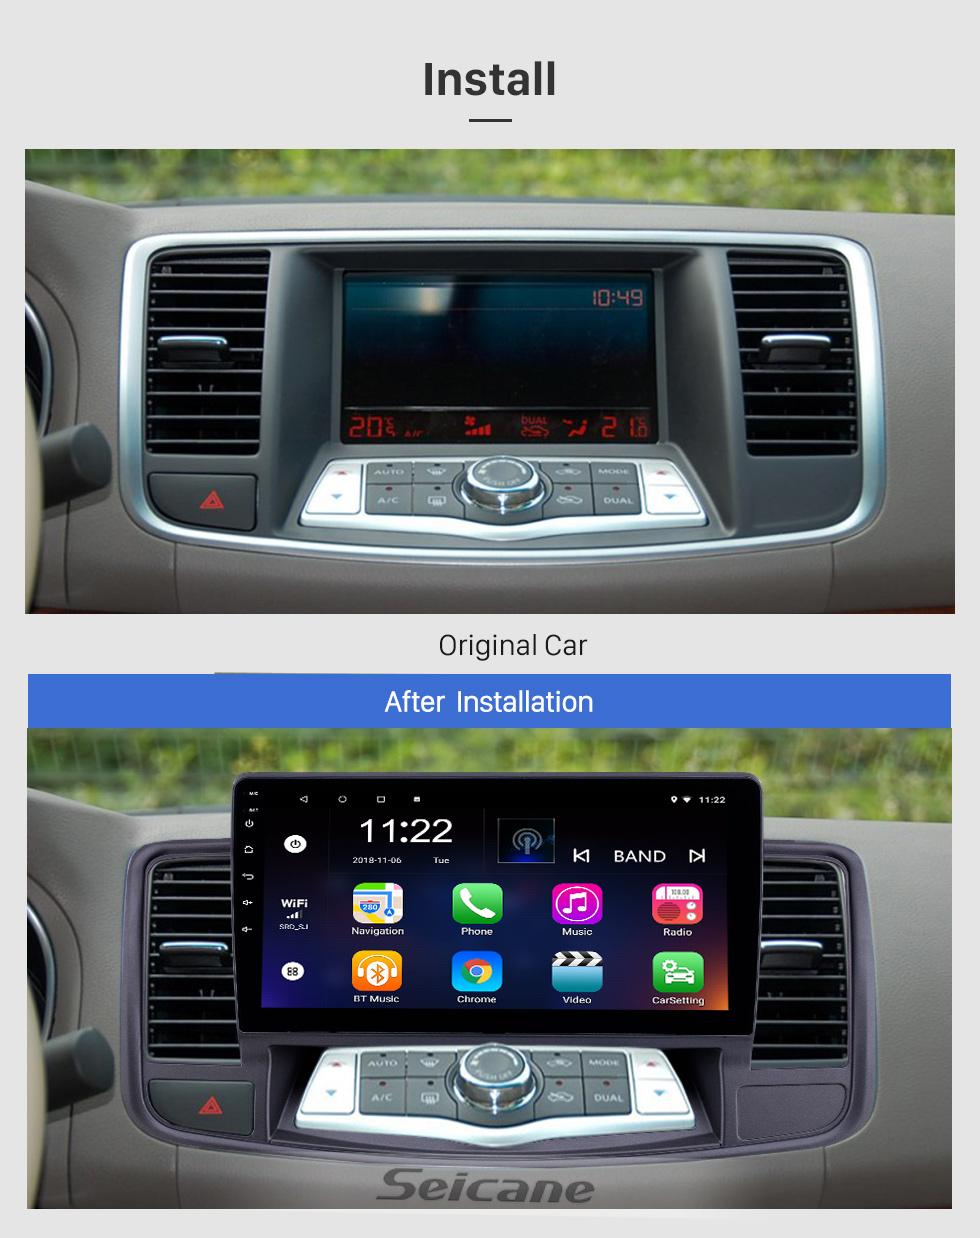 Seicane 2009-2013 Nissan Old Teana Android 8.1 Pantalla táctil 10.1 pulgadas Unidad principal Bluetooth Navegación GPS Radio con soporte AUX WIFI OBD2 DVR SWC Carplay